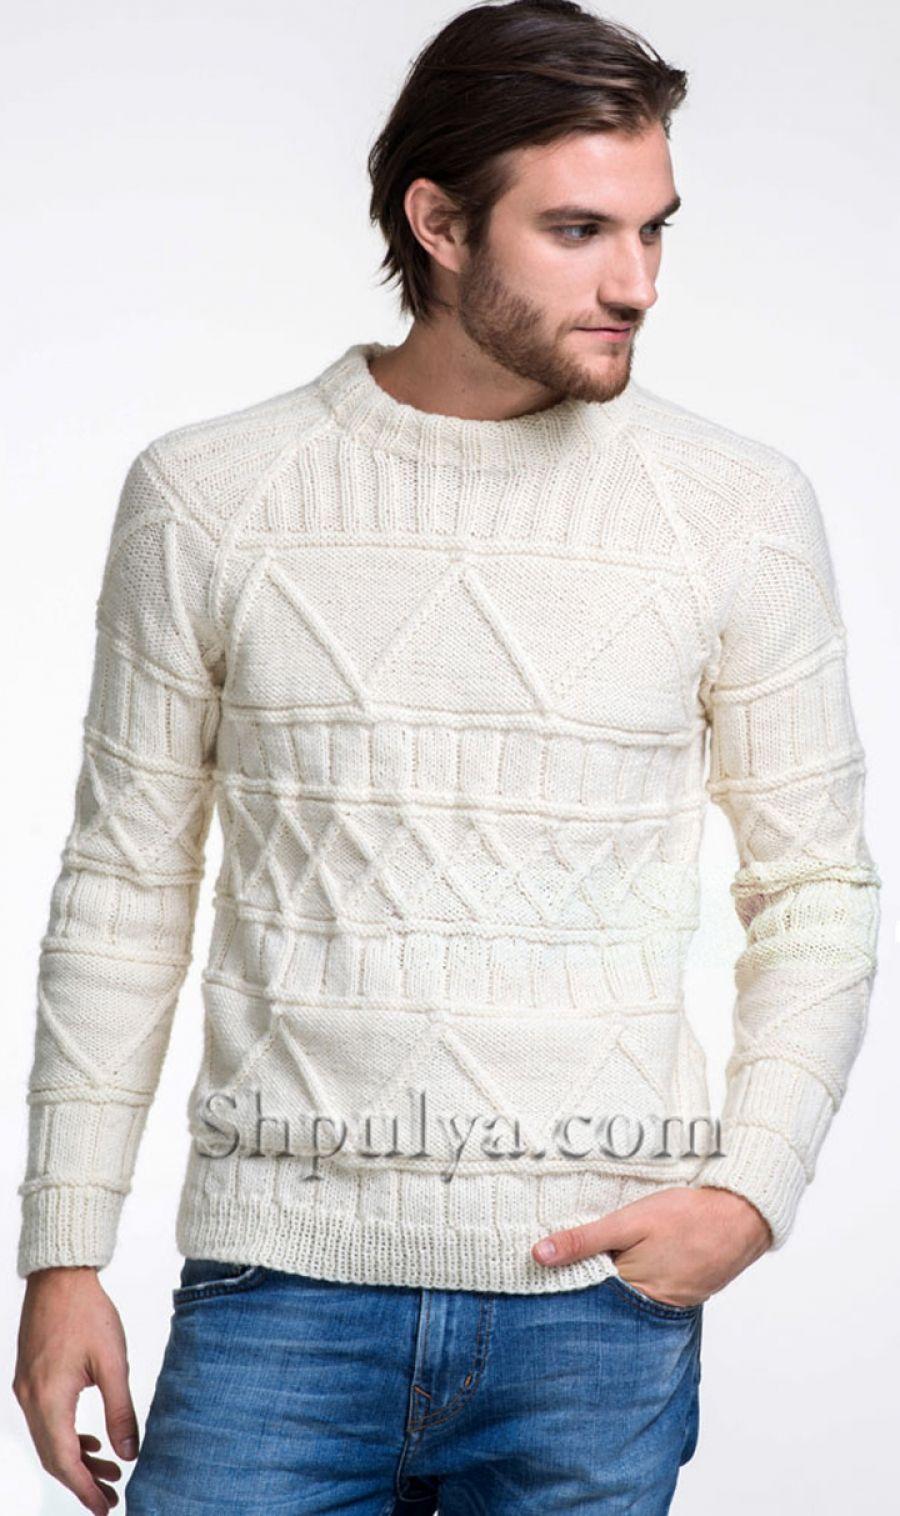 cd3b448e50ef3 Вязаные мужские свитера, пуловеры, джемперы и жакеты | мужчины ...